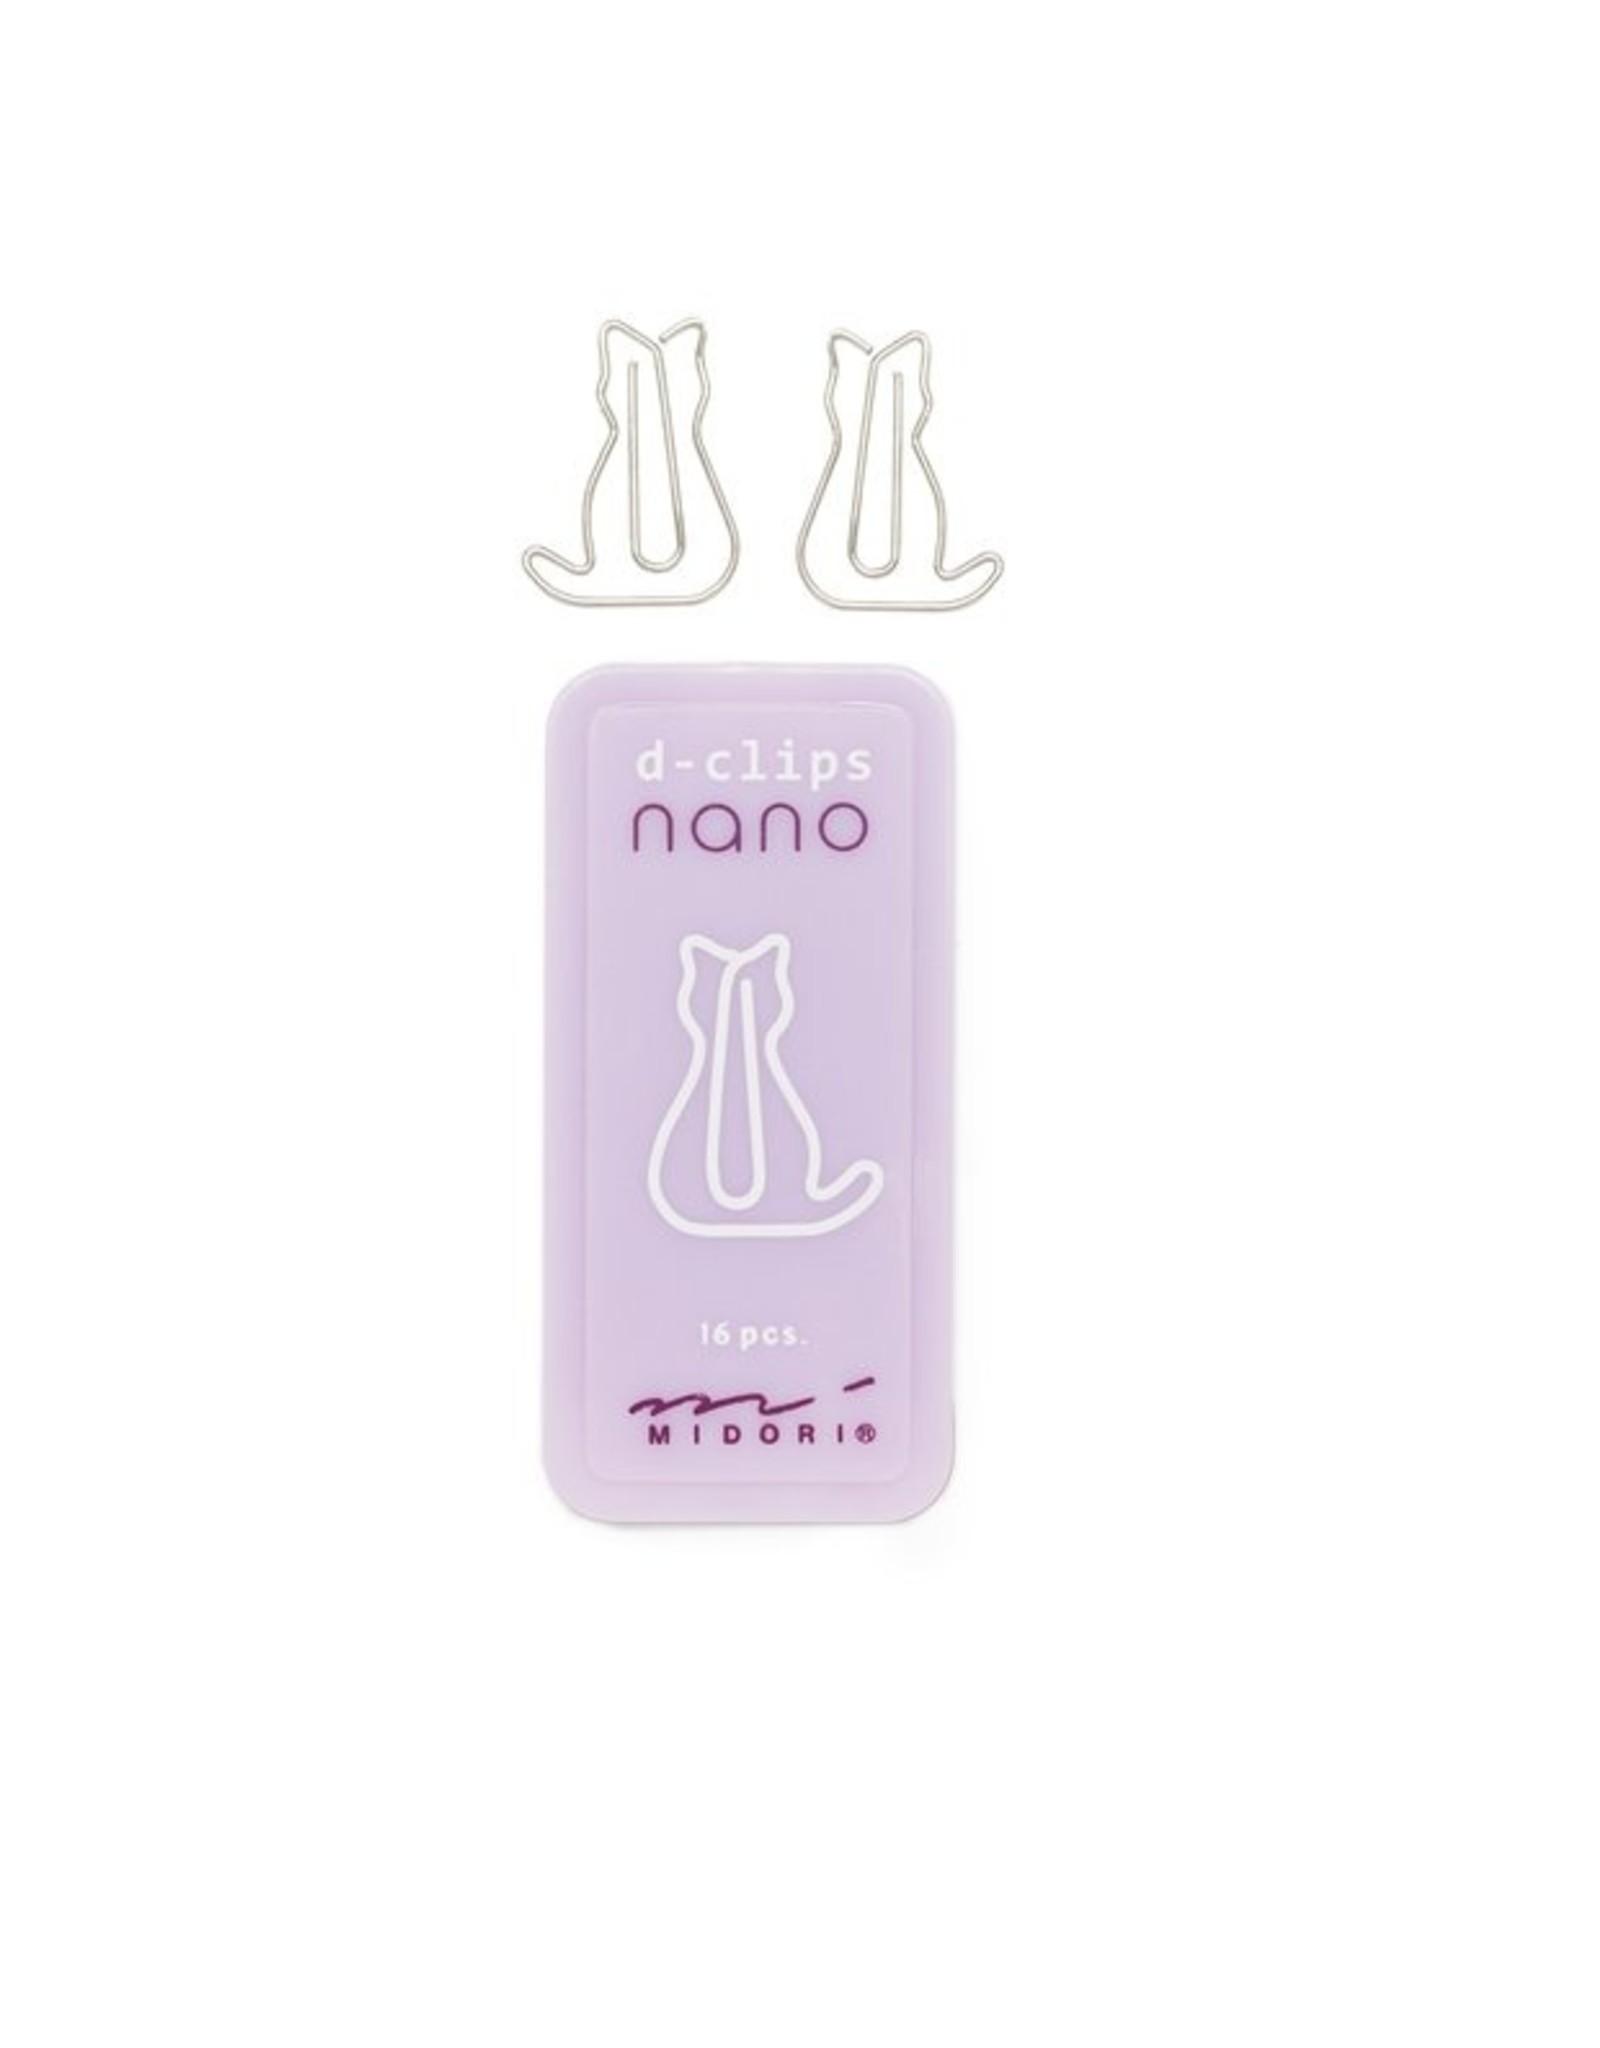 Midori Midori - D-clips Nano